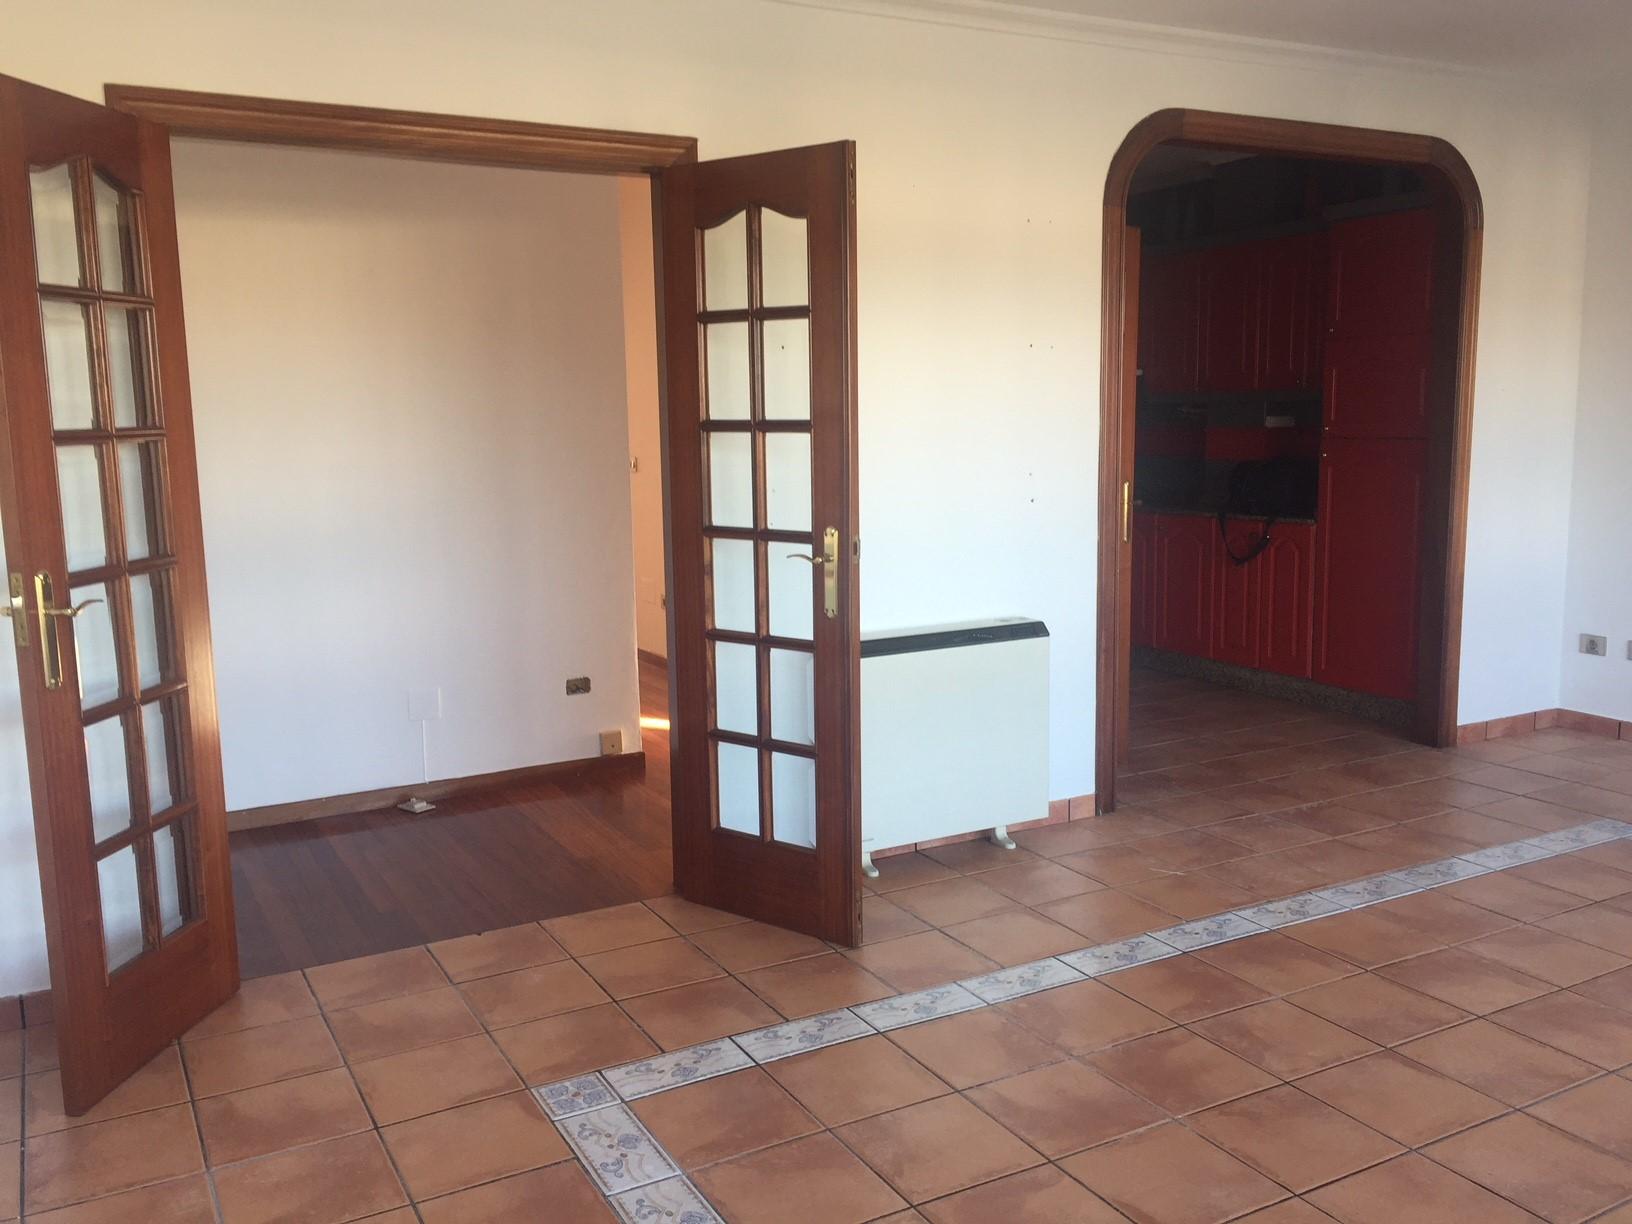 Piso en venta en Cabanas, A Coruña, Calle Maria, 86.000 €, 2 habitaciones, 1 baño, 83 m2